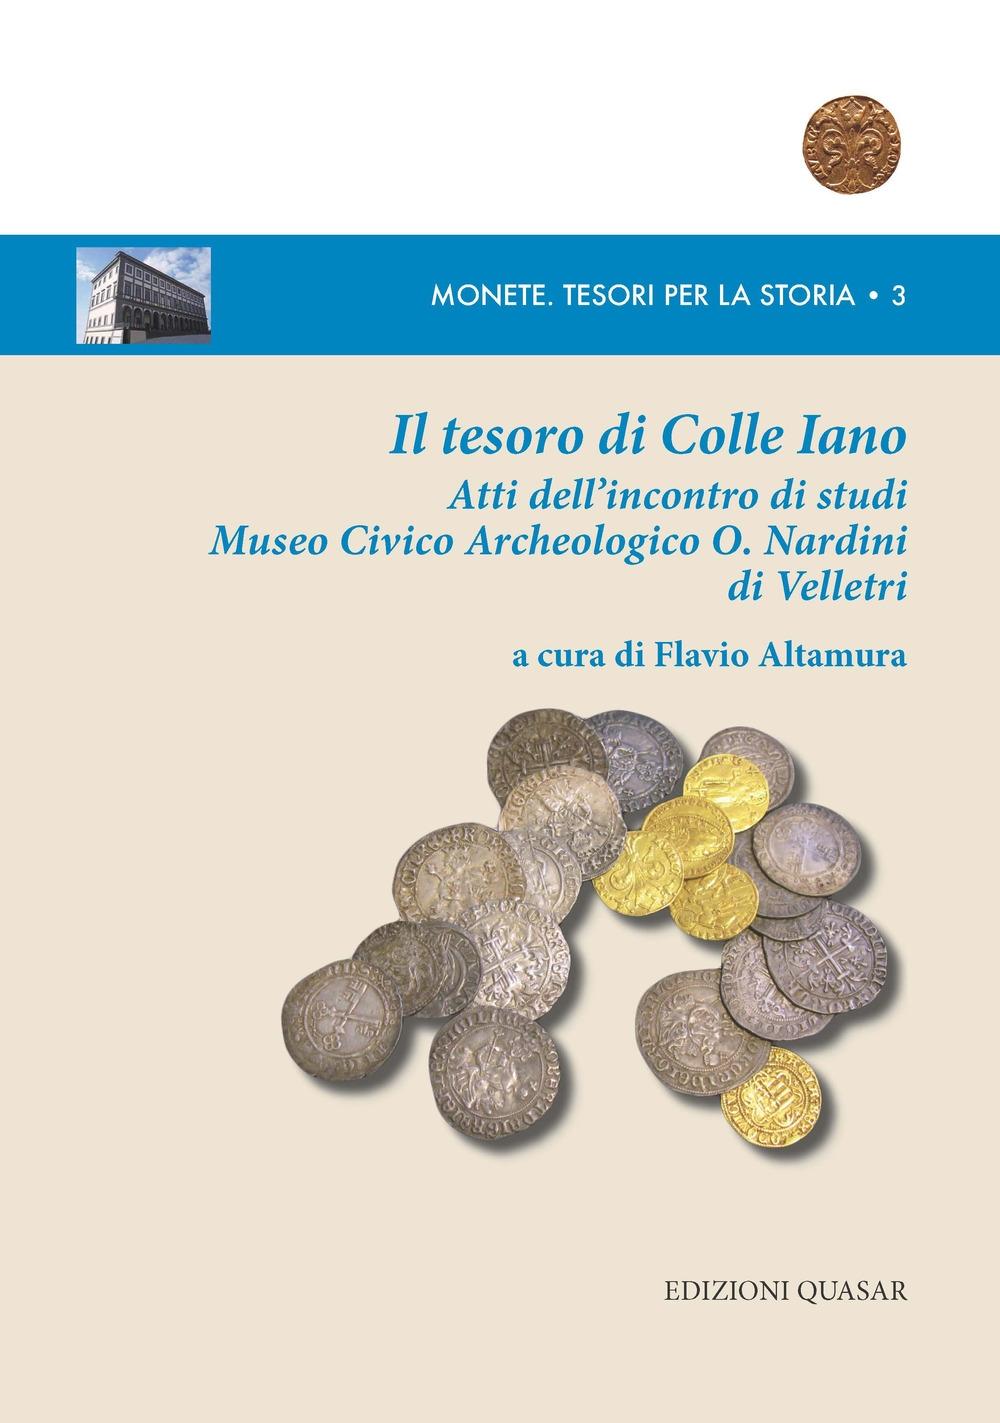 Il tesoro di Colle Iano. Atti dell'Incontro di studi Museo Civico Archeologico O. Nardini di Velletri